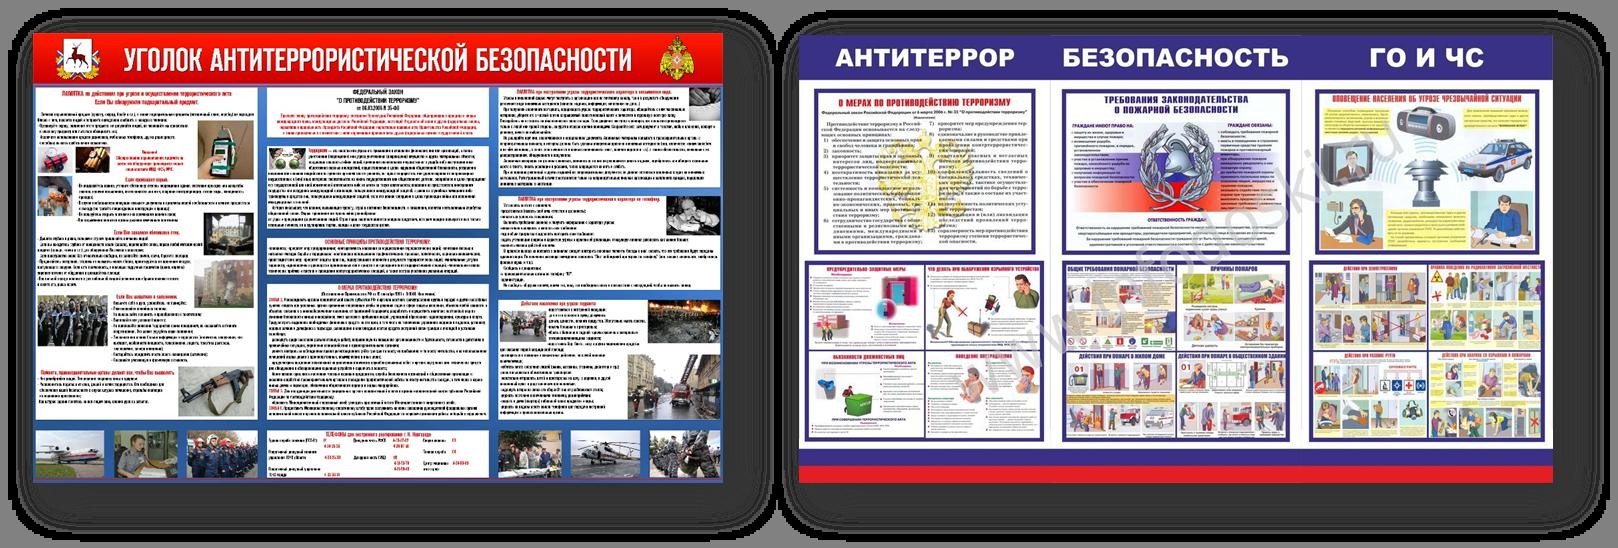 предприятии инструкция антитеррористическая безопасность на